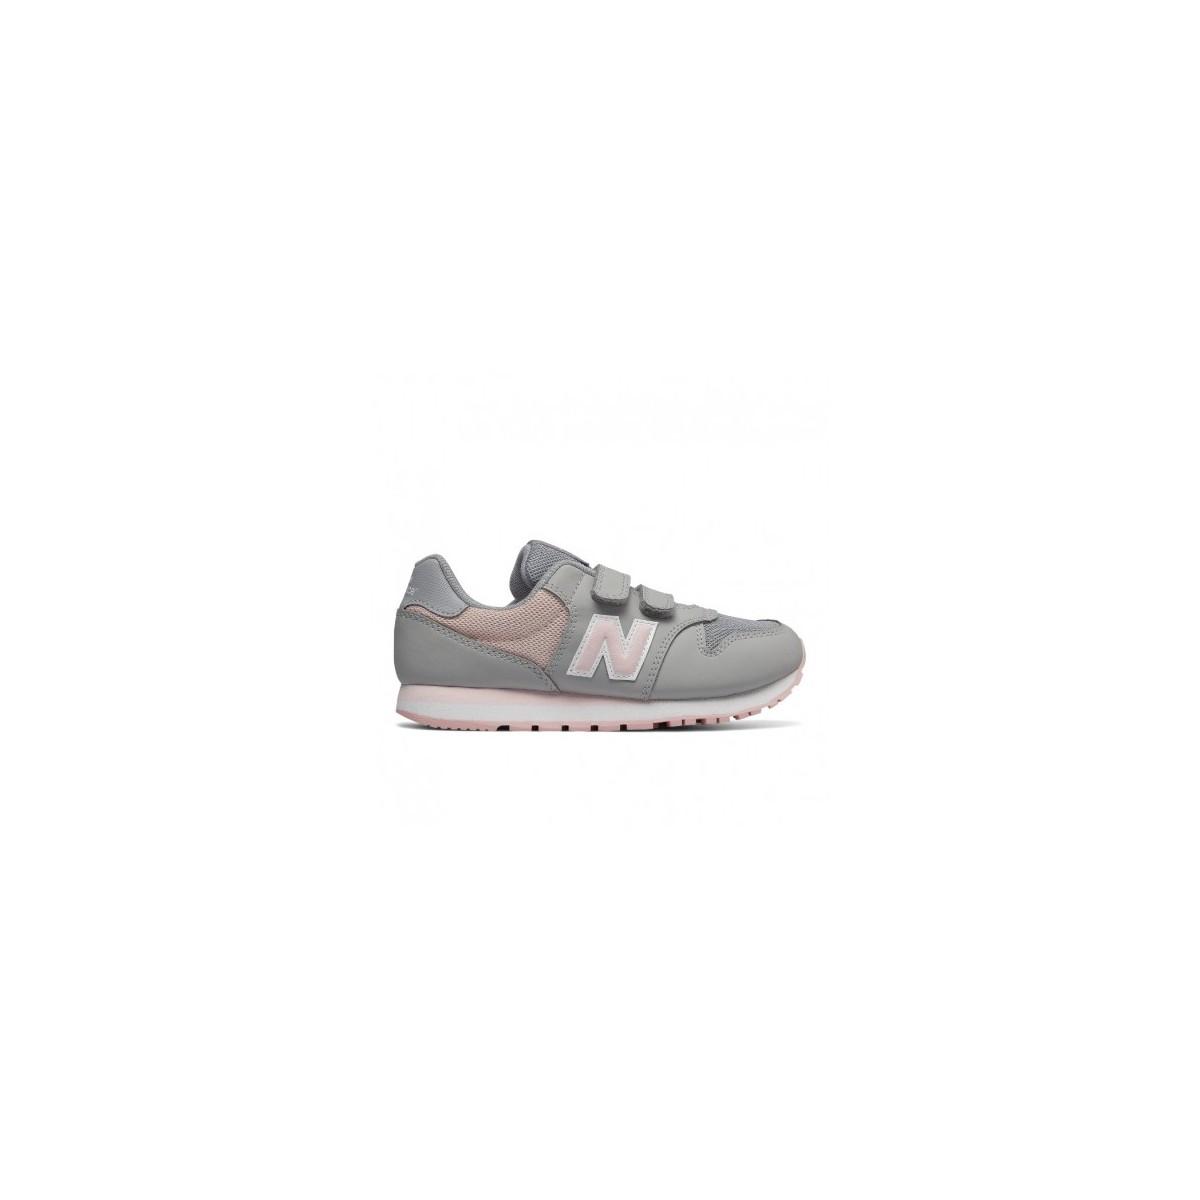 new balance gris rosa niña